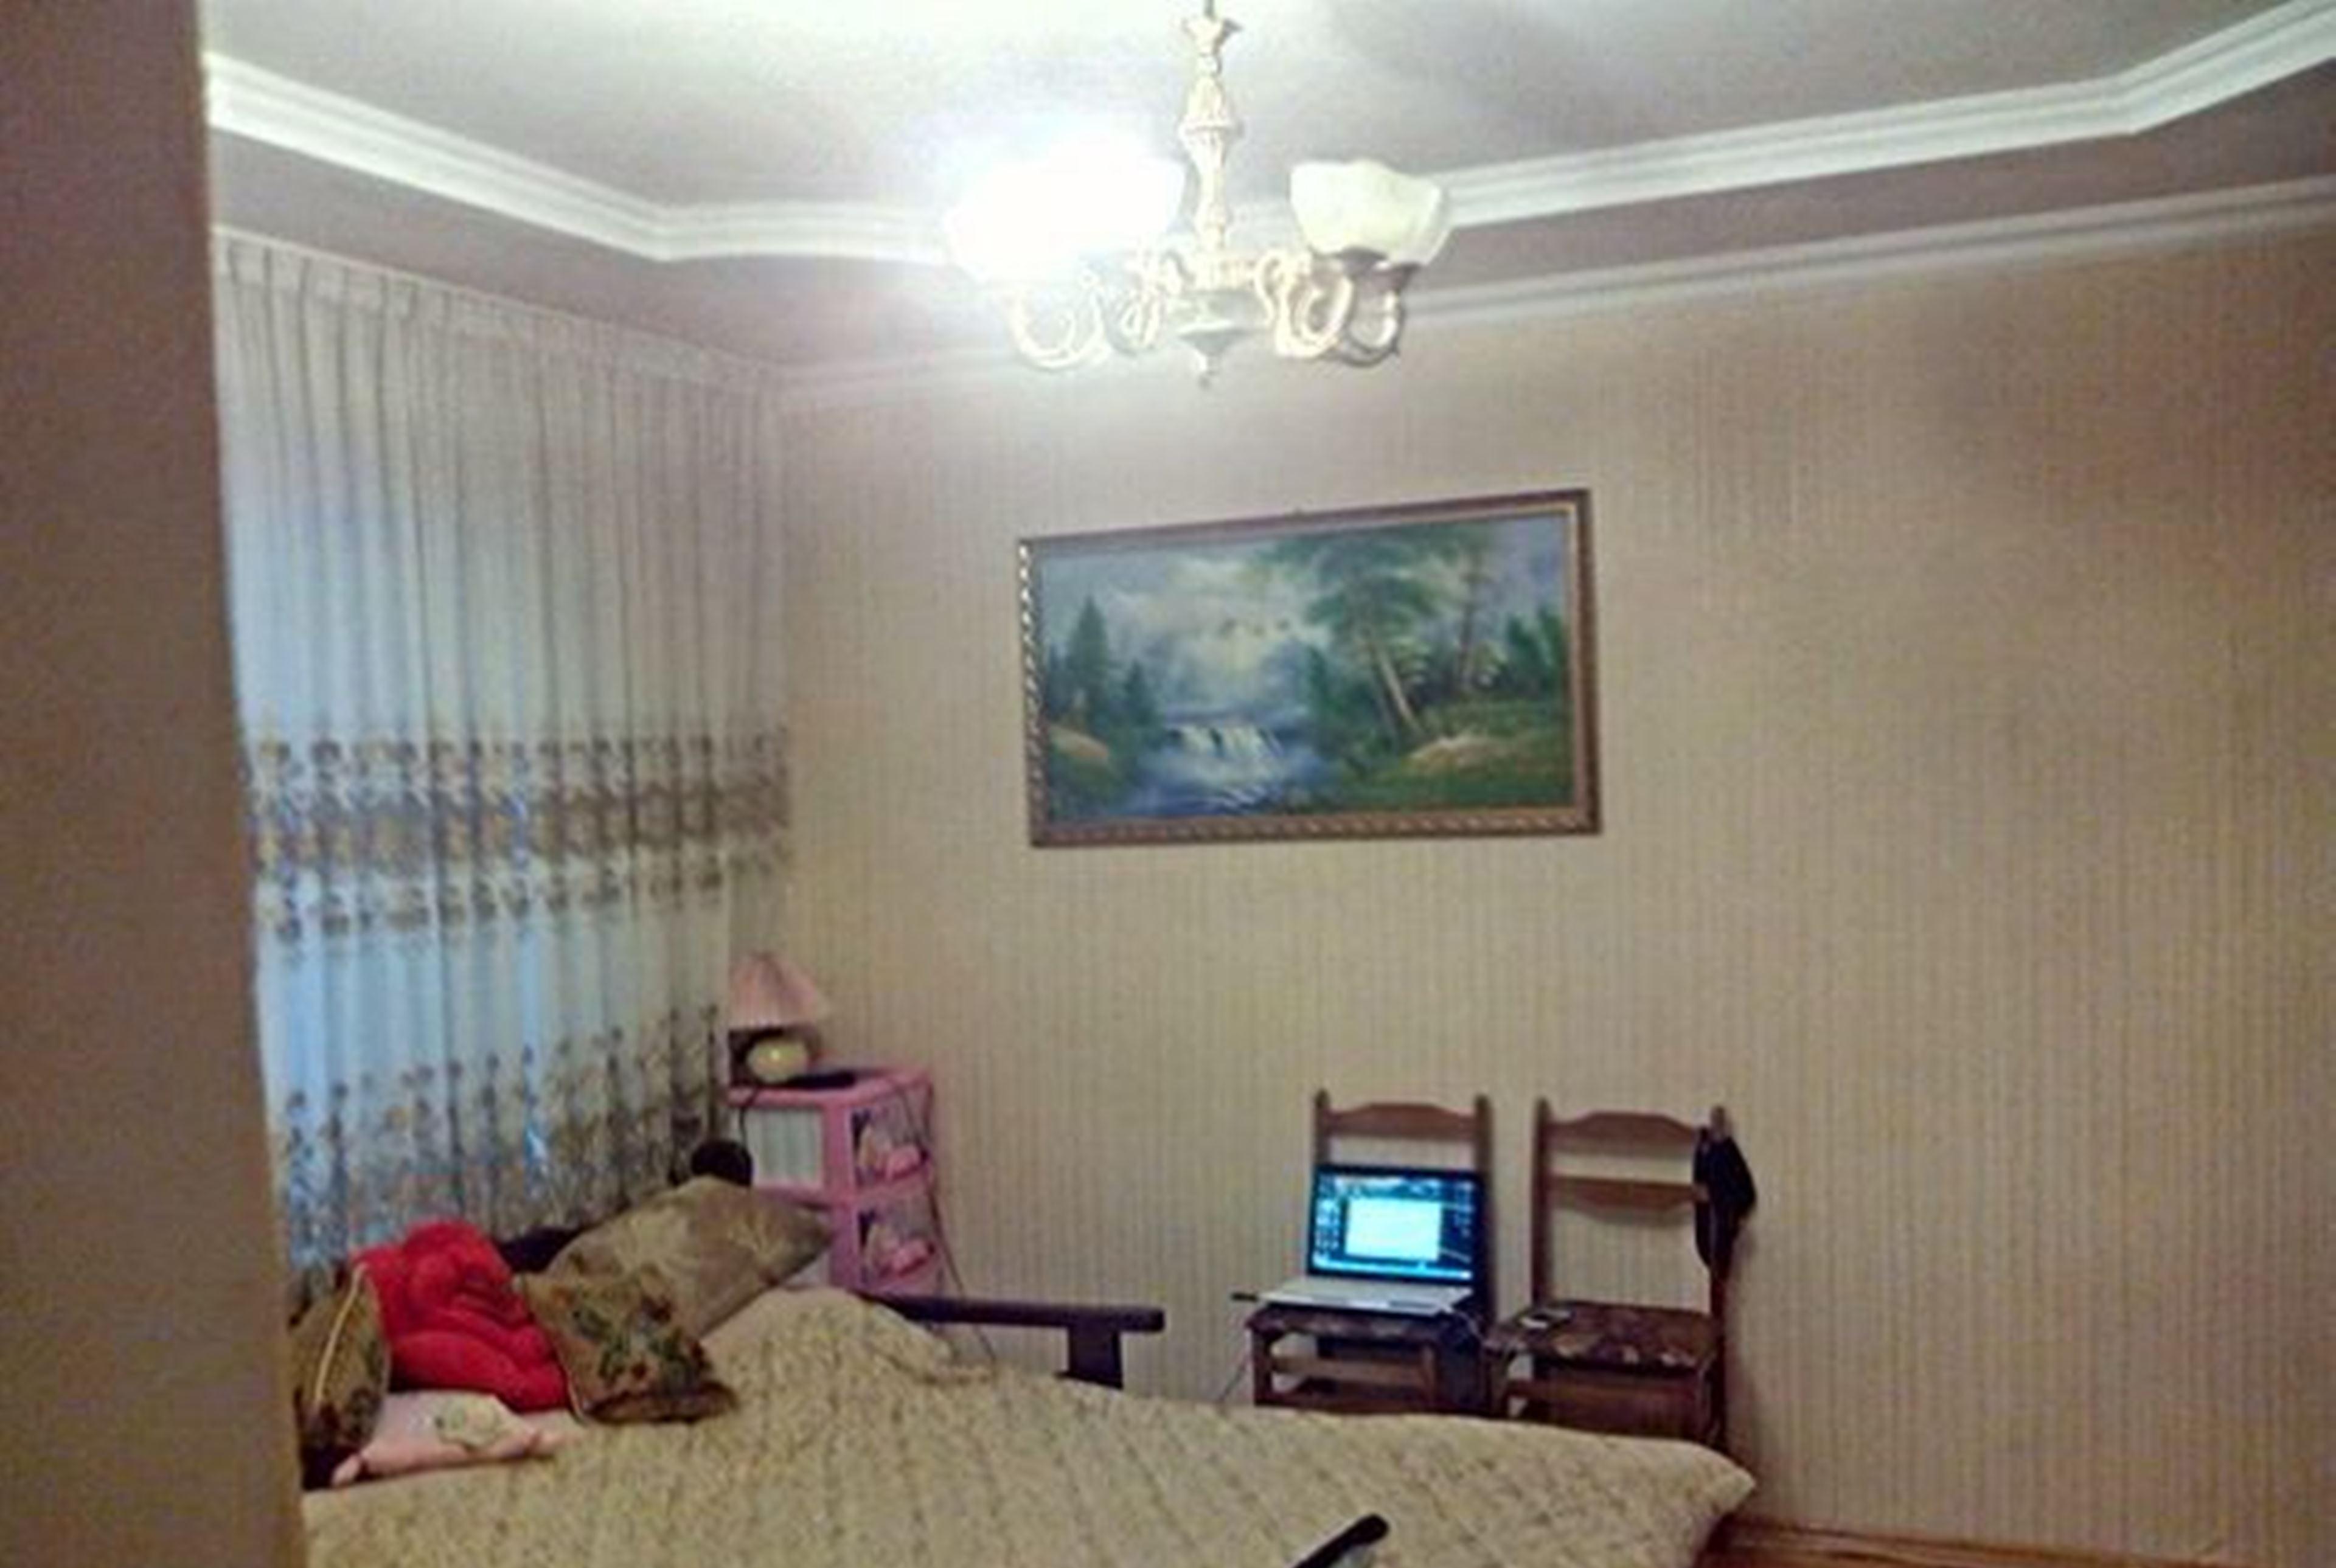 Квартира 1 комнатная в Майкоп район Кондитерская фабрика